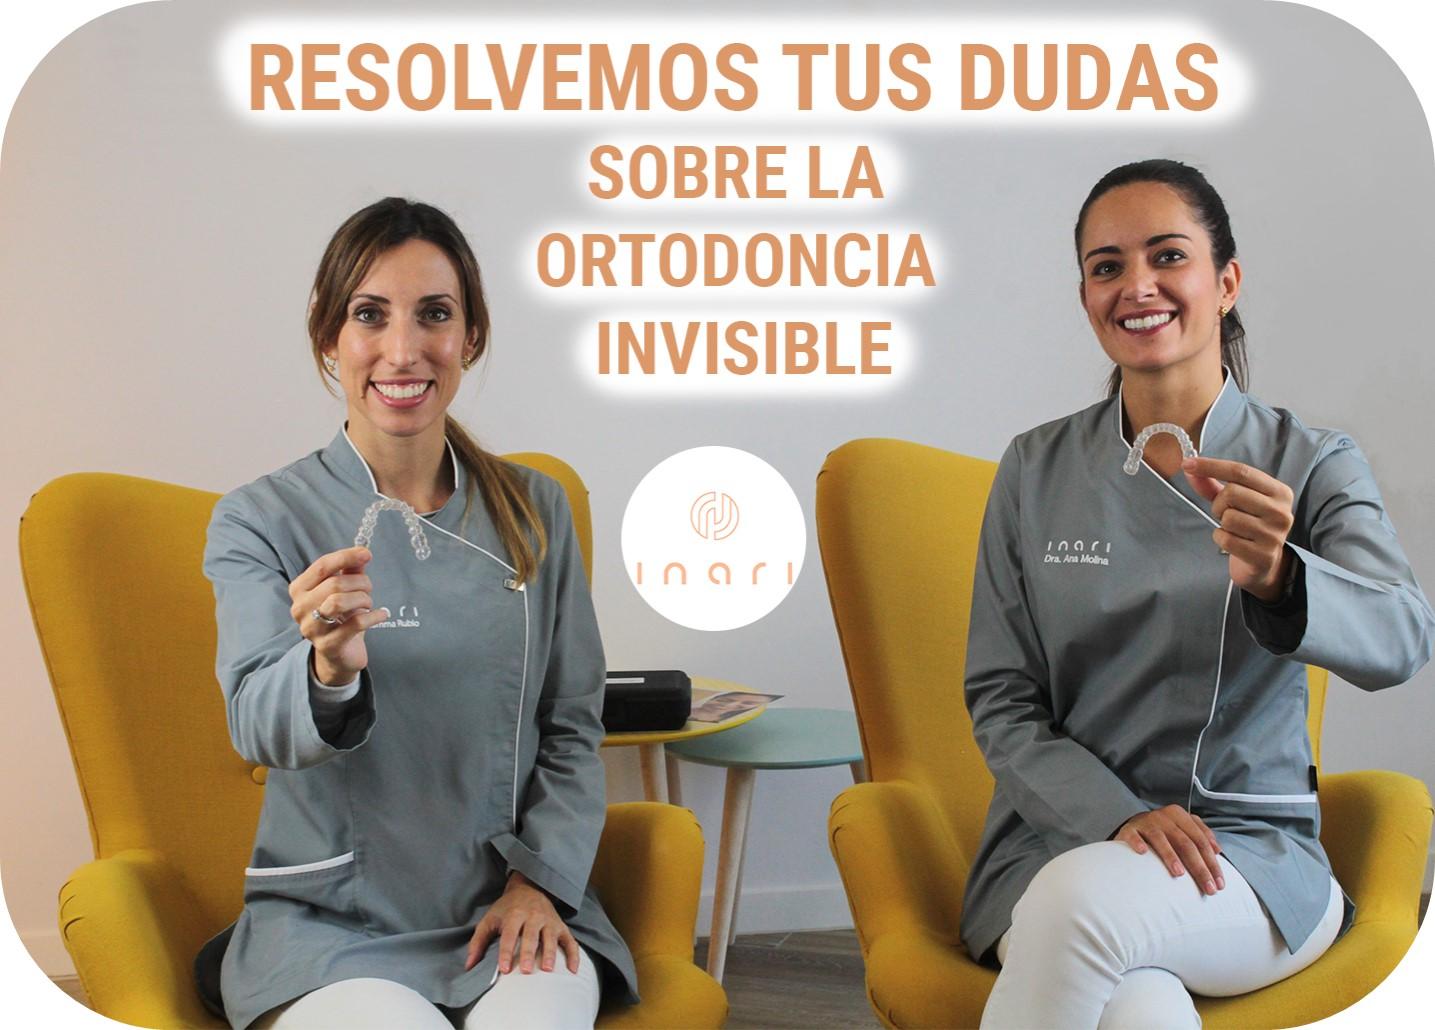 ortodoncia invisble invisalign